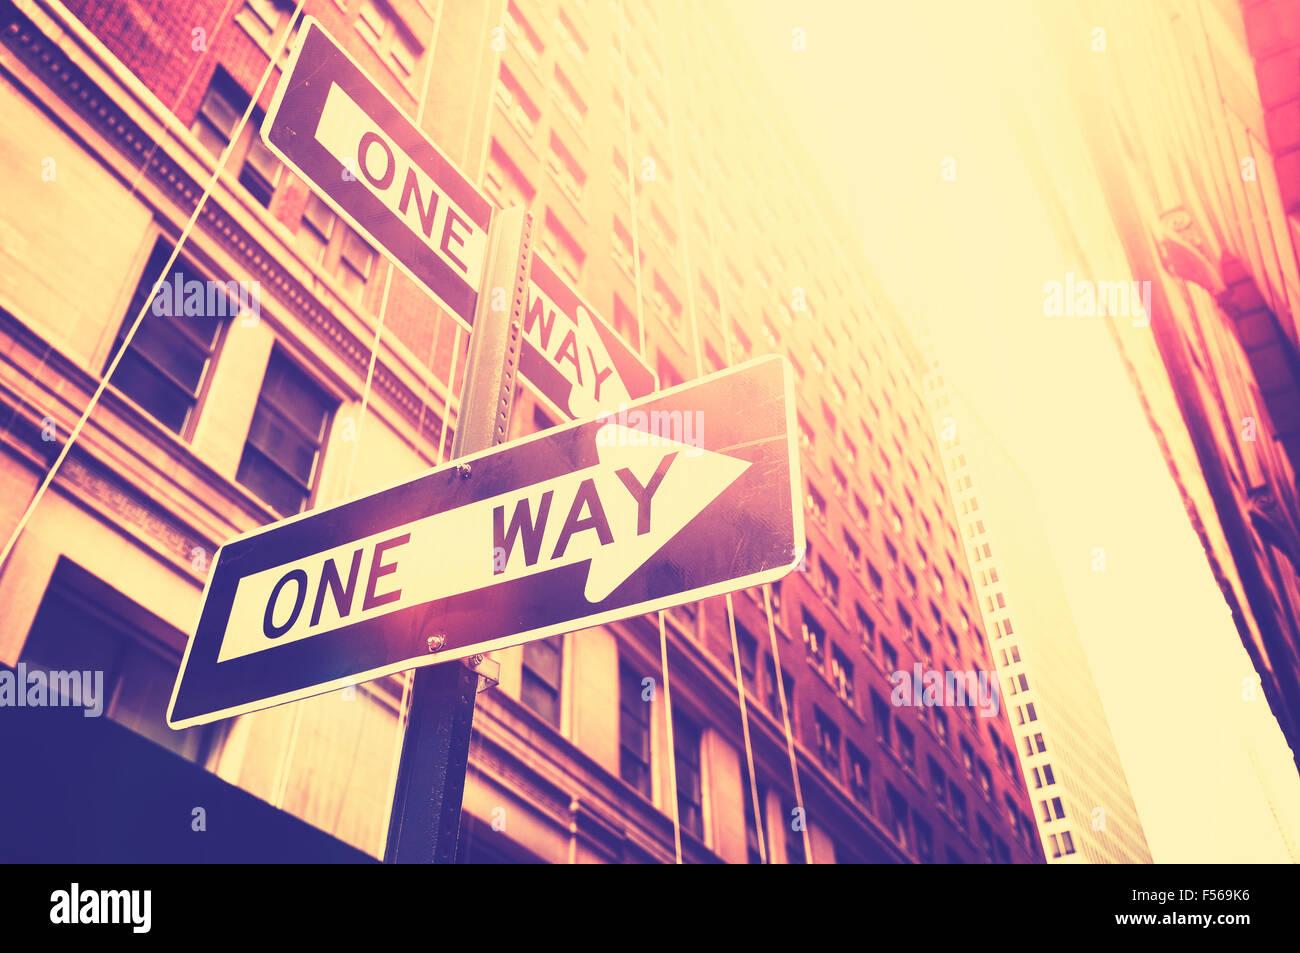 Estilo Vintage foto de una manera signos en Manhattan, Nueva York, Estados Unidos. Imagen De Stock